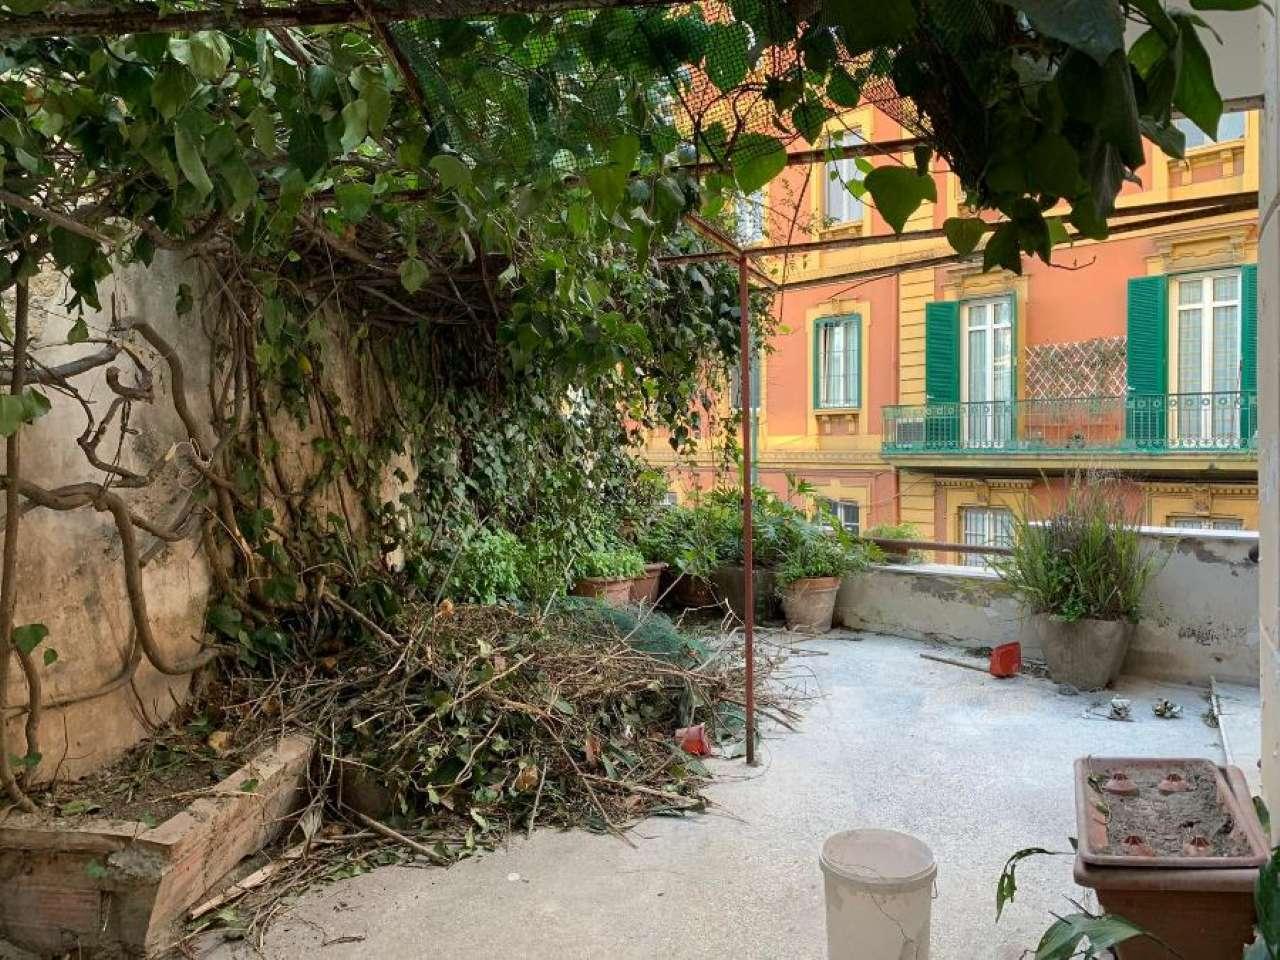 Appartamento in affitto a Napoli, 5 locali, zona Zona: 5 . Vomero, Arenella, prezzo € 1.500 | CambioCasa.it